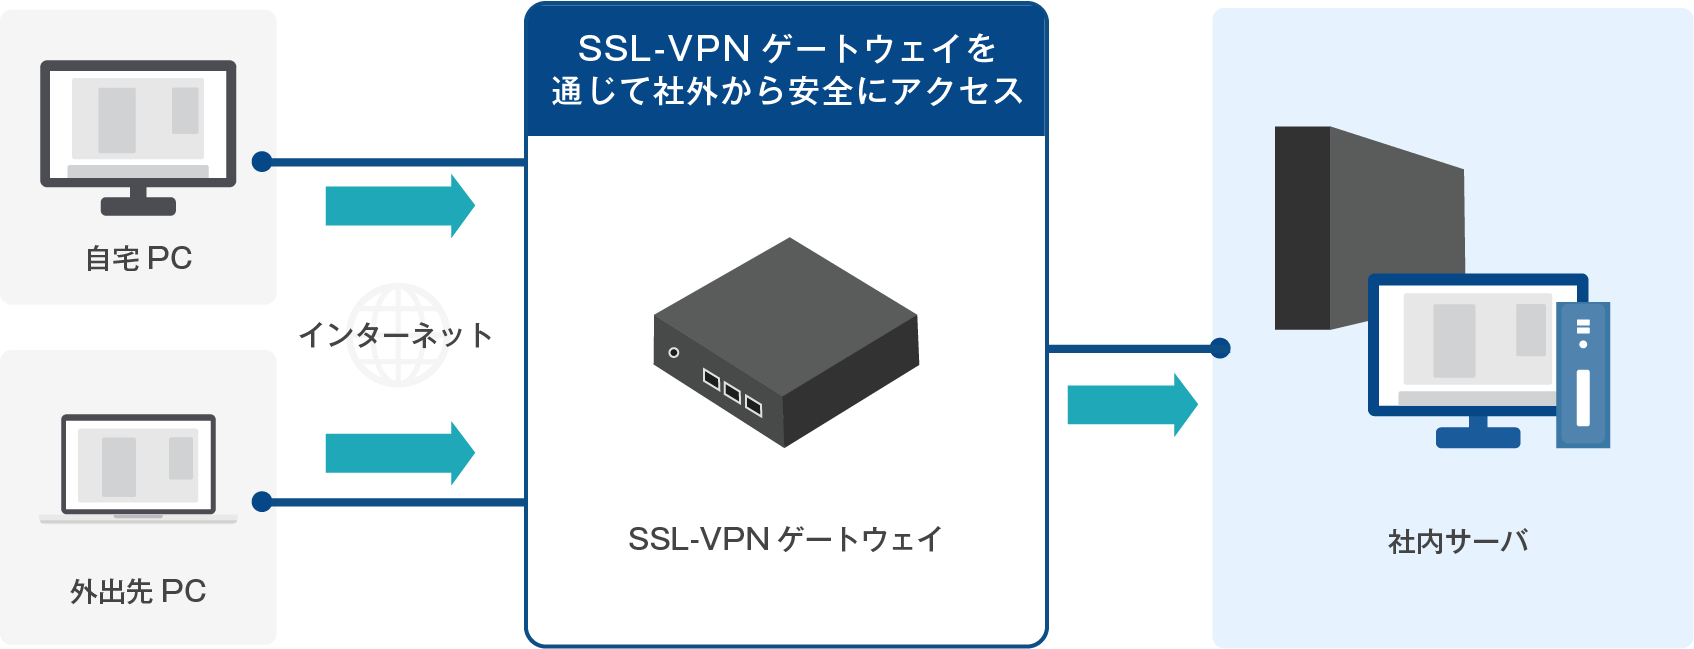 社外から社内ネットワークへの安全なアクセスを実現する SSL-VPNシステムの構築をサポート